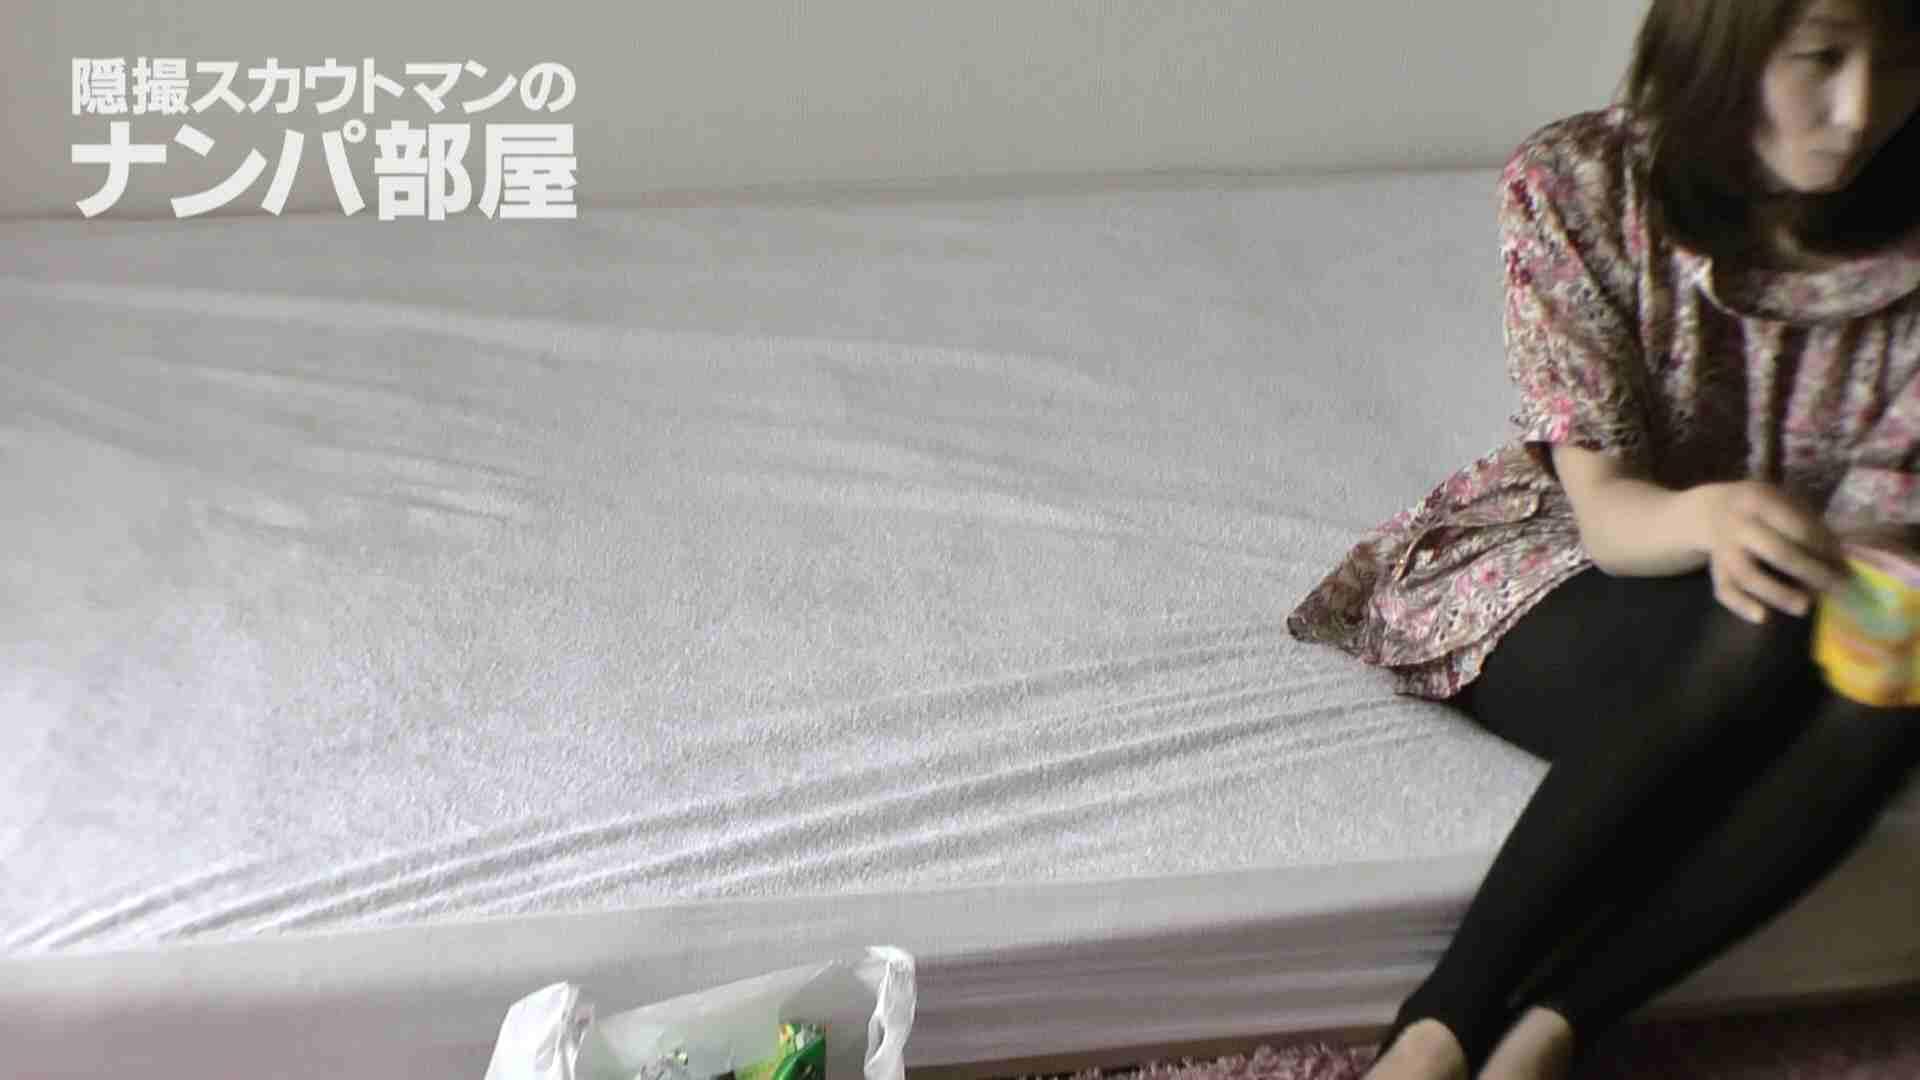 隠撮スカウトマンのナンパ部屋~風俗デビュー前のつまみ食い~ sii 隠撮 | 脱衣所  94pic 4